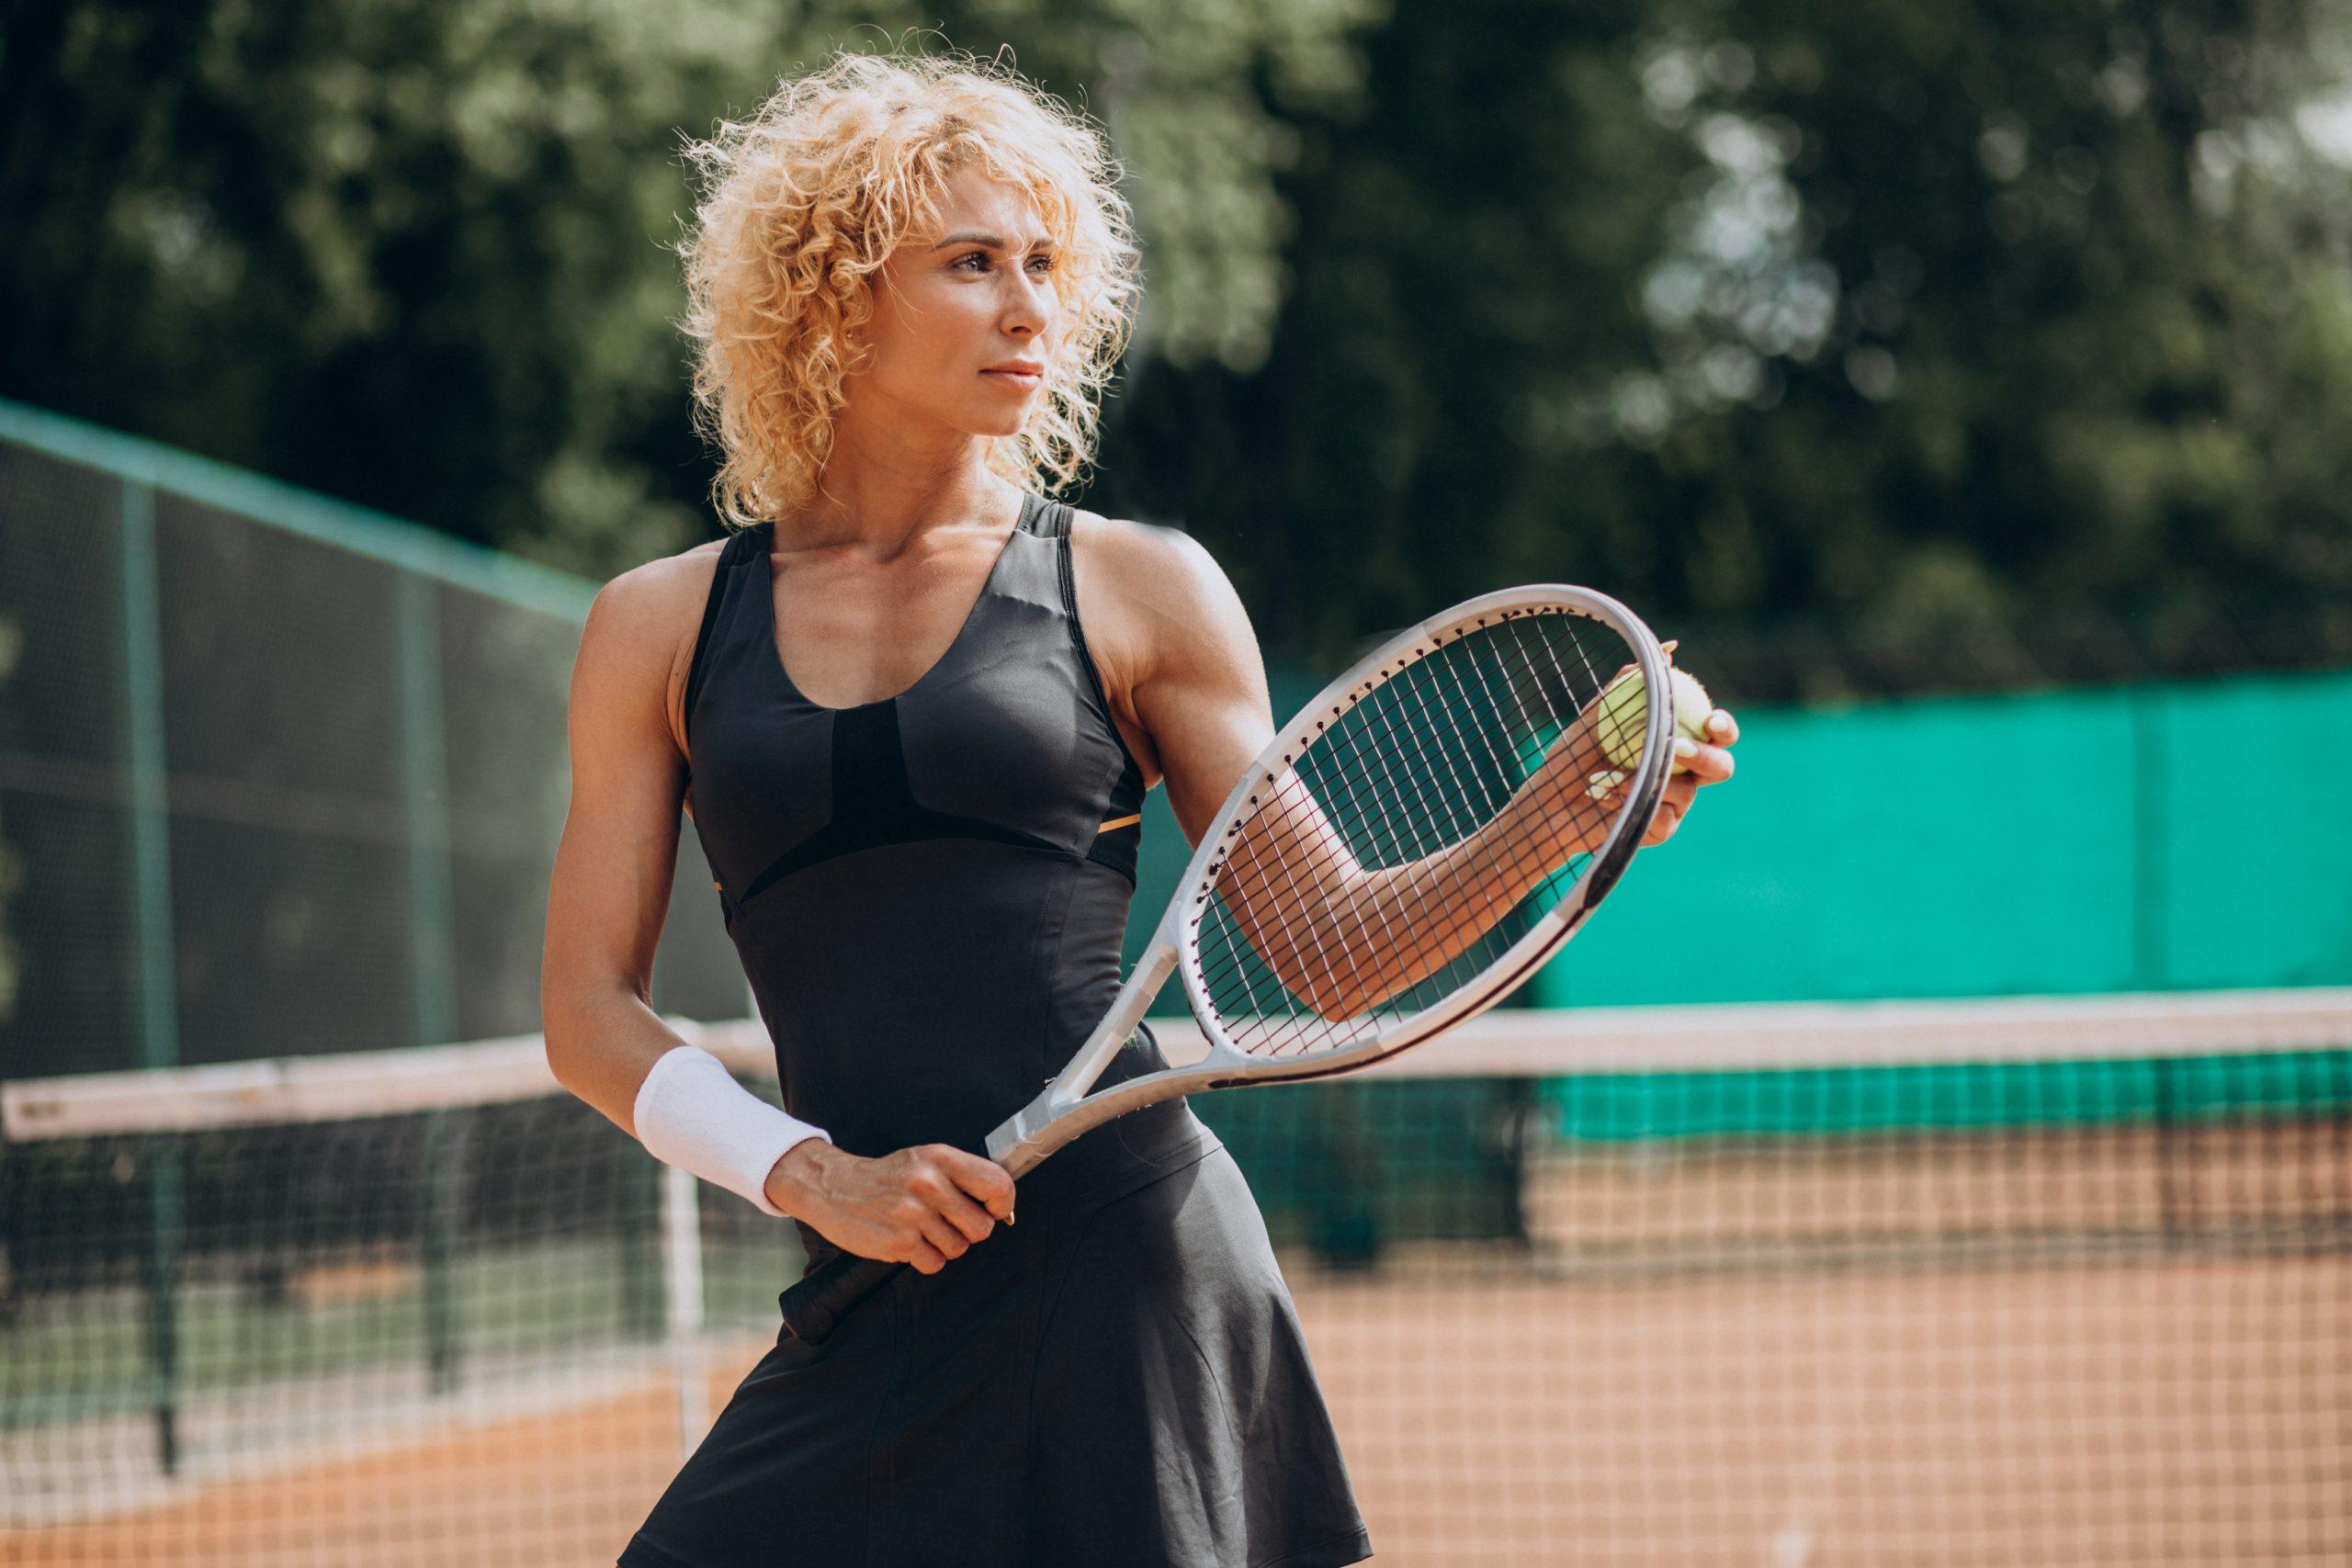 Damski strój do tenisa – czuj się wygodnie, wyglądaj modnie!